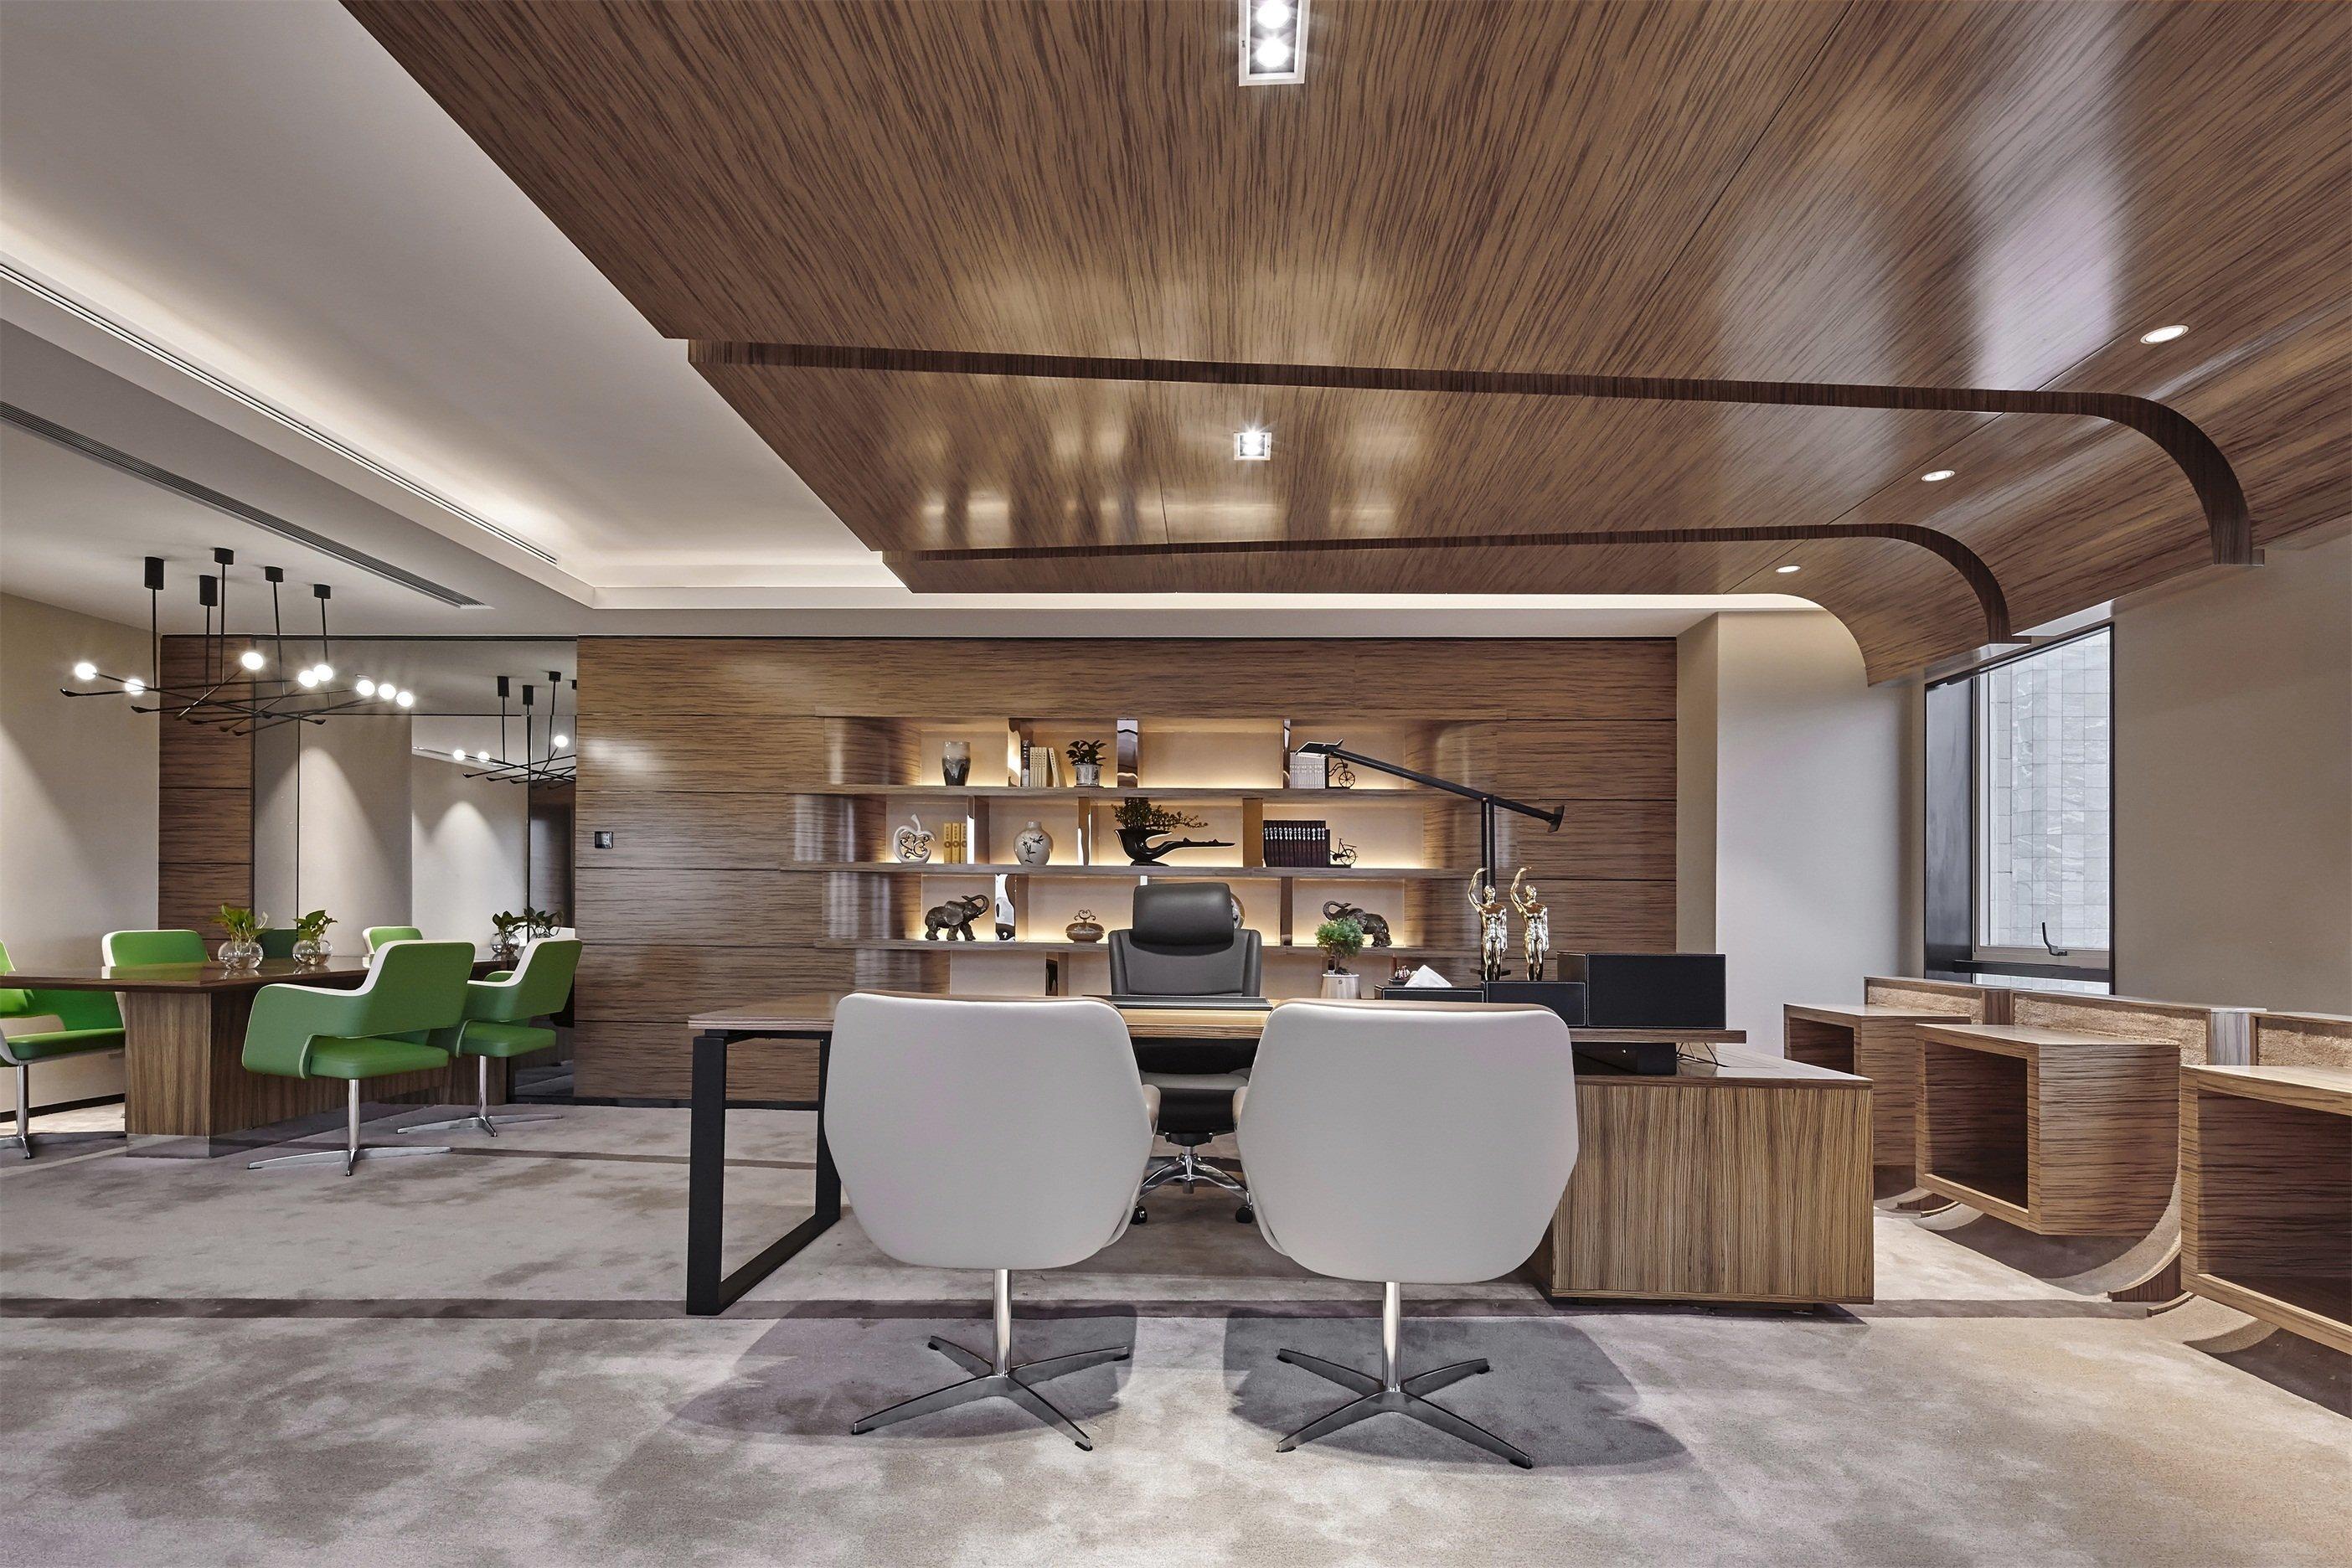 上海盛世嘉创投资办公空间装修设计